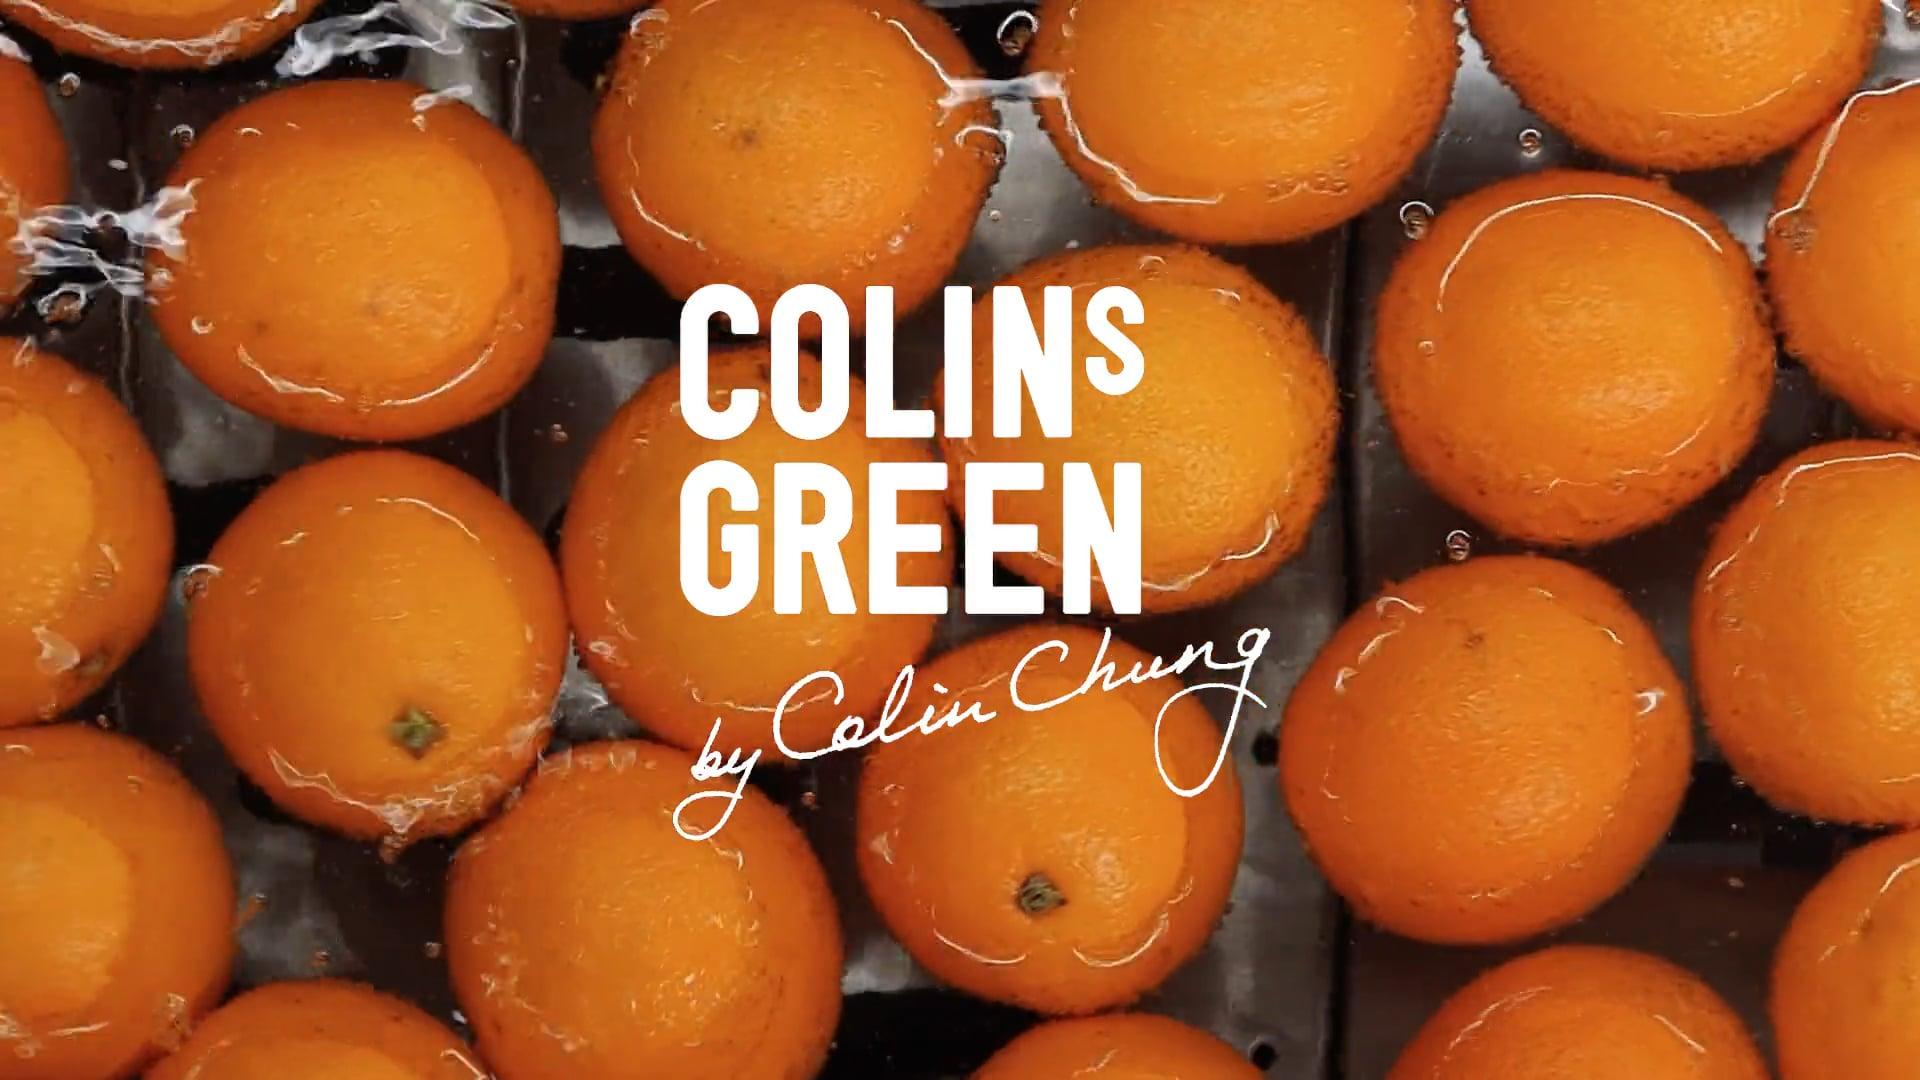 COLIN'S GREEN